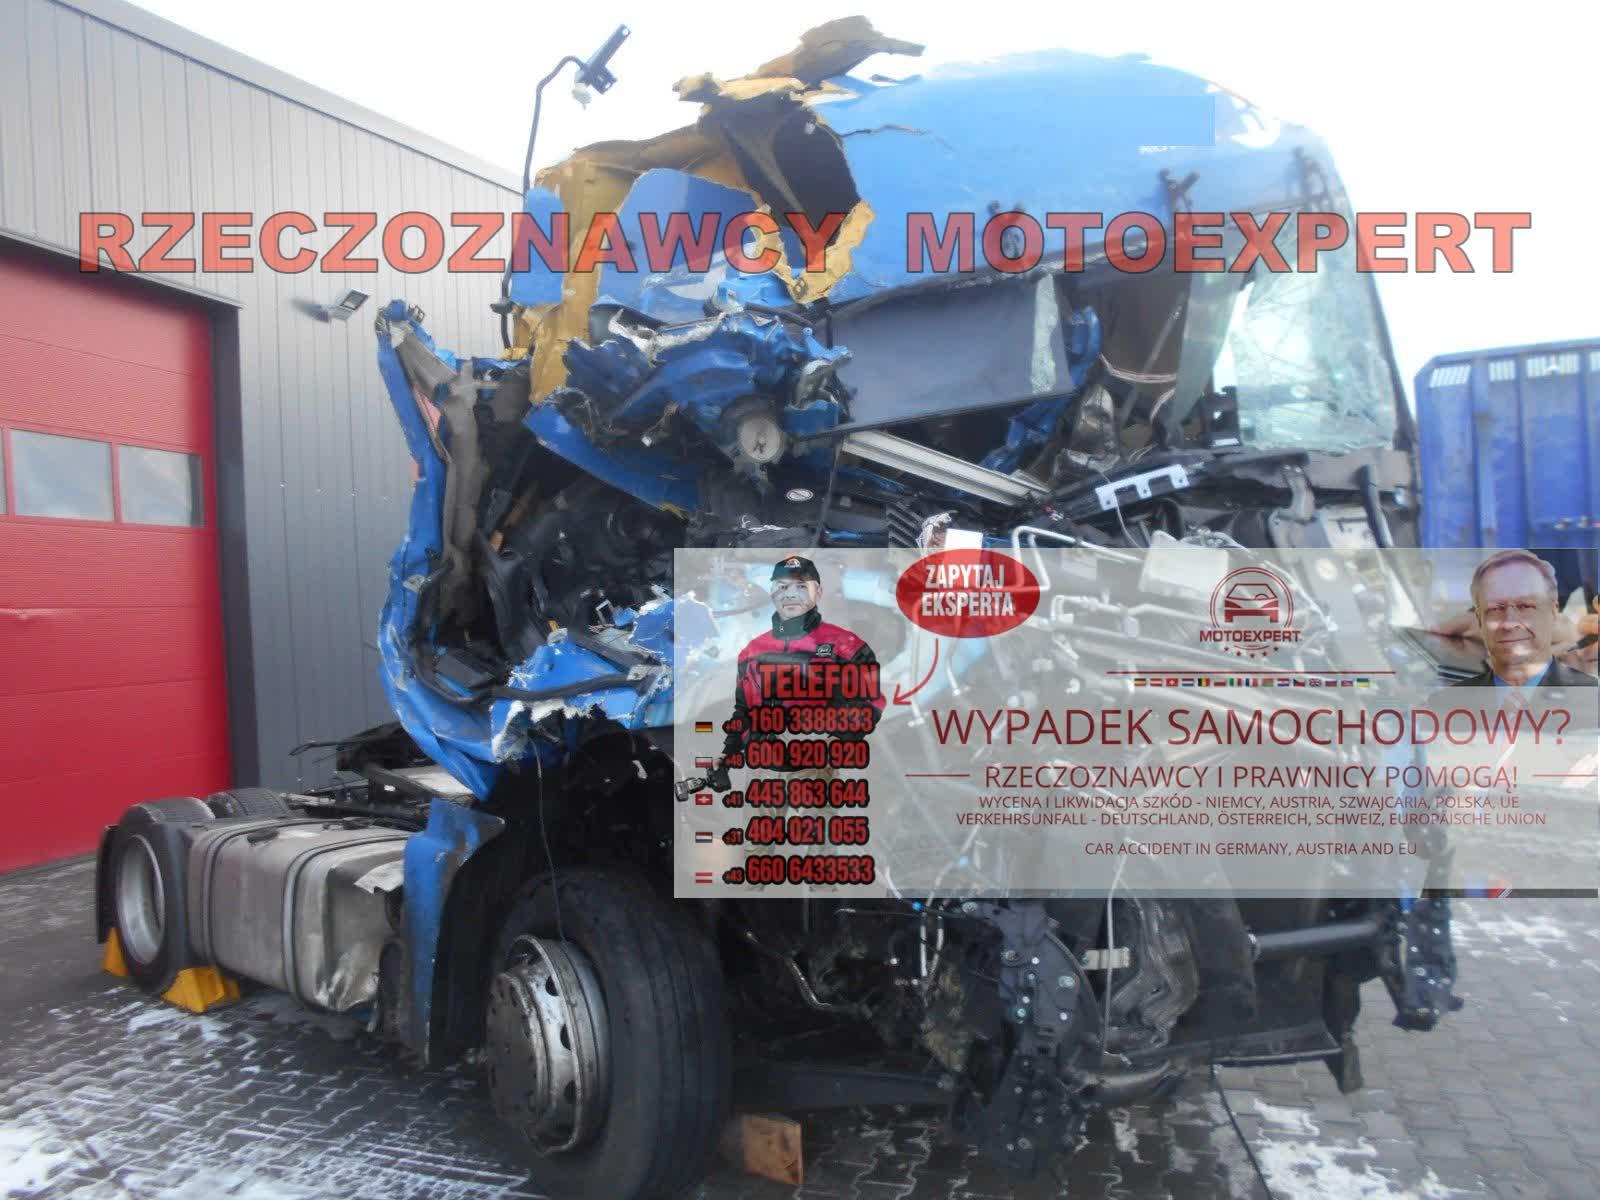 Autounfall – Schadensregulierung durch Rechtsanwalt